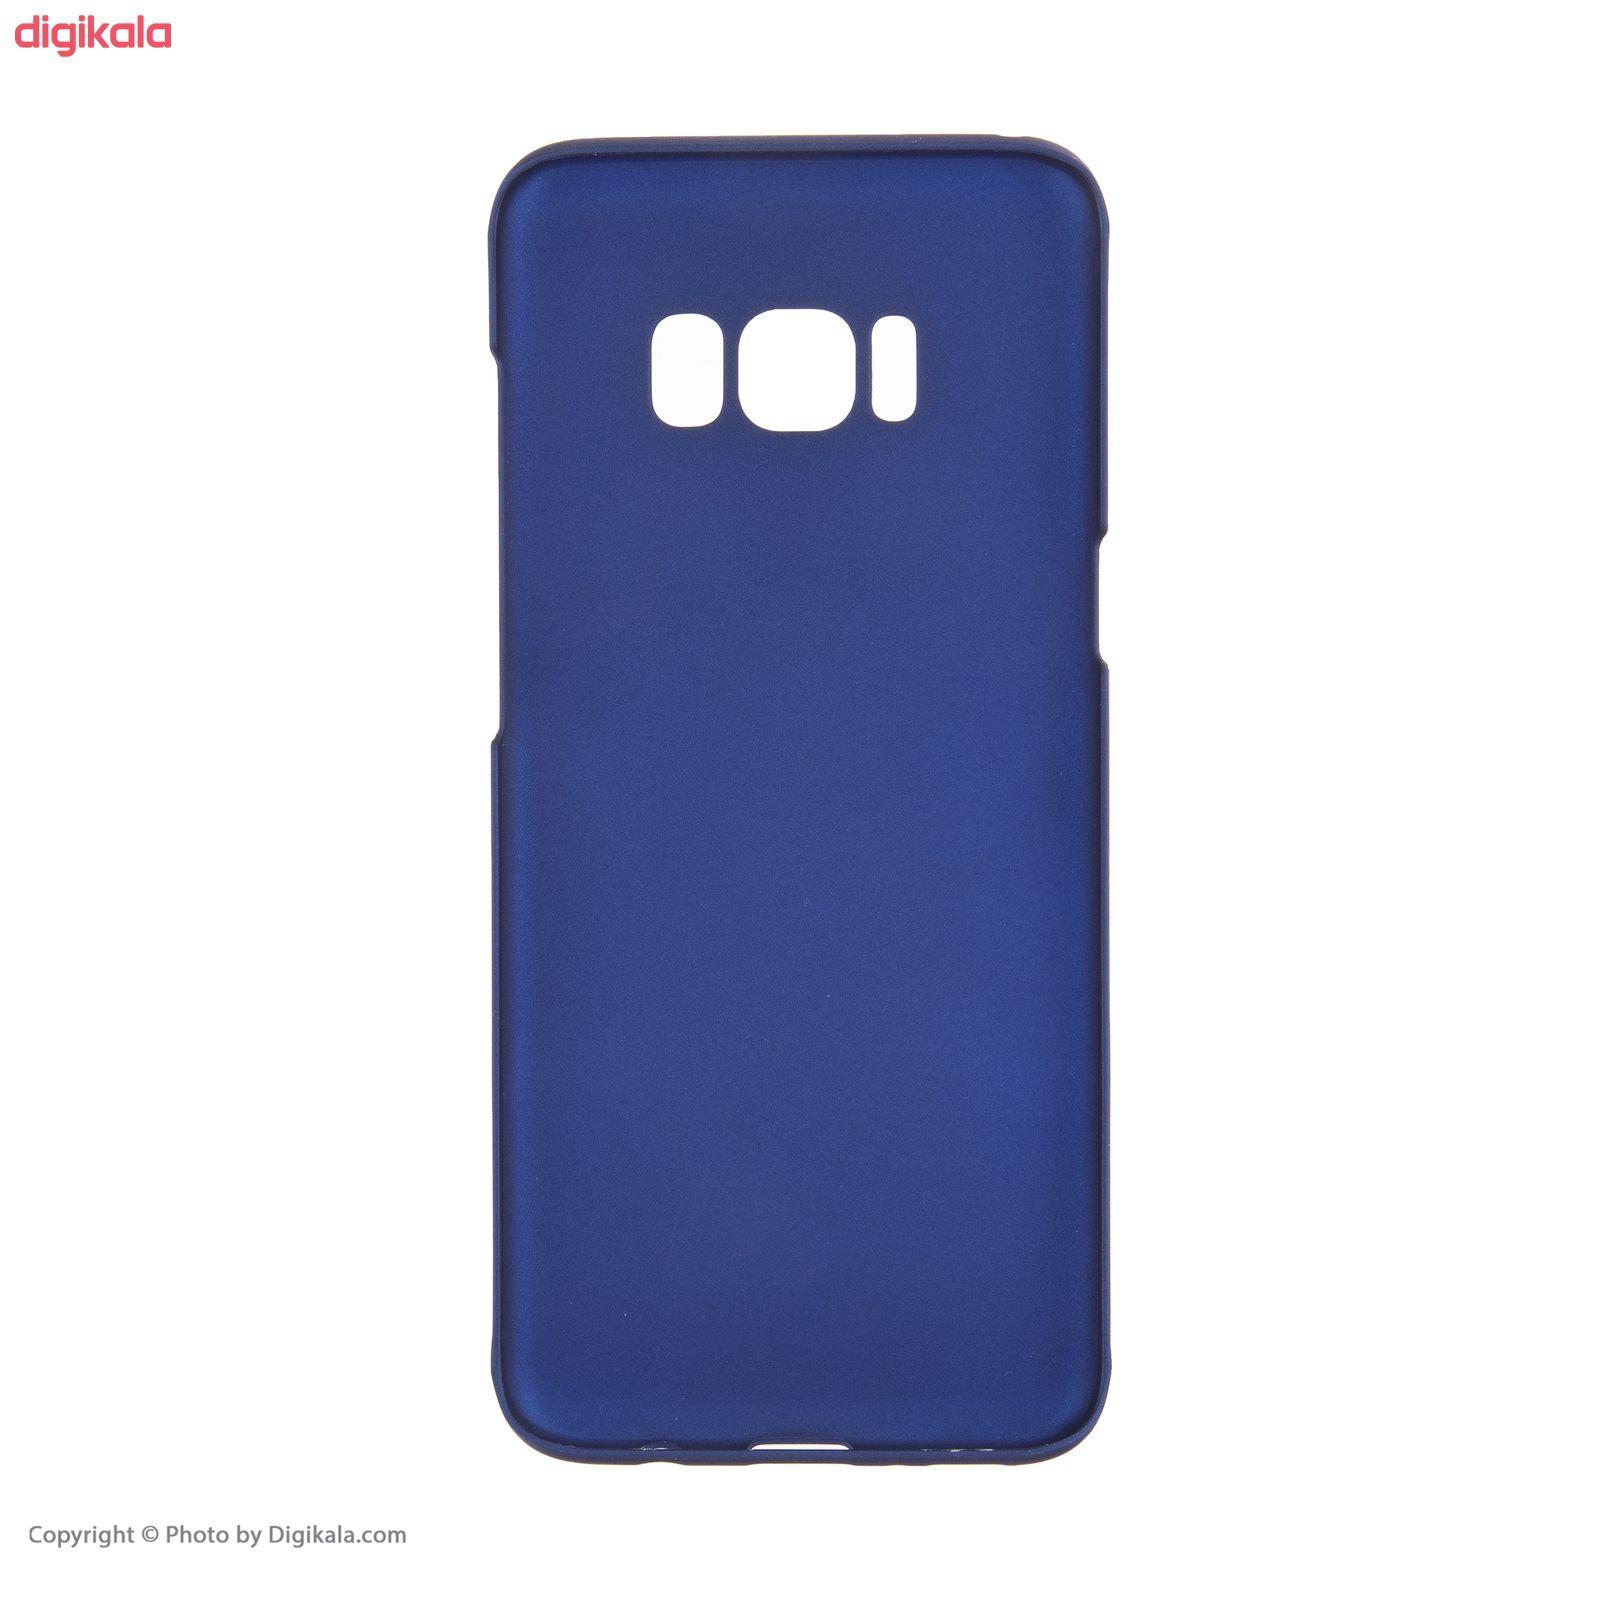 کاور جوی روم مدل JR-BP276 مناسب برای گوشی موبایل سامسونگGalaxy S8 main 1 7